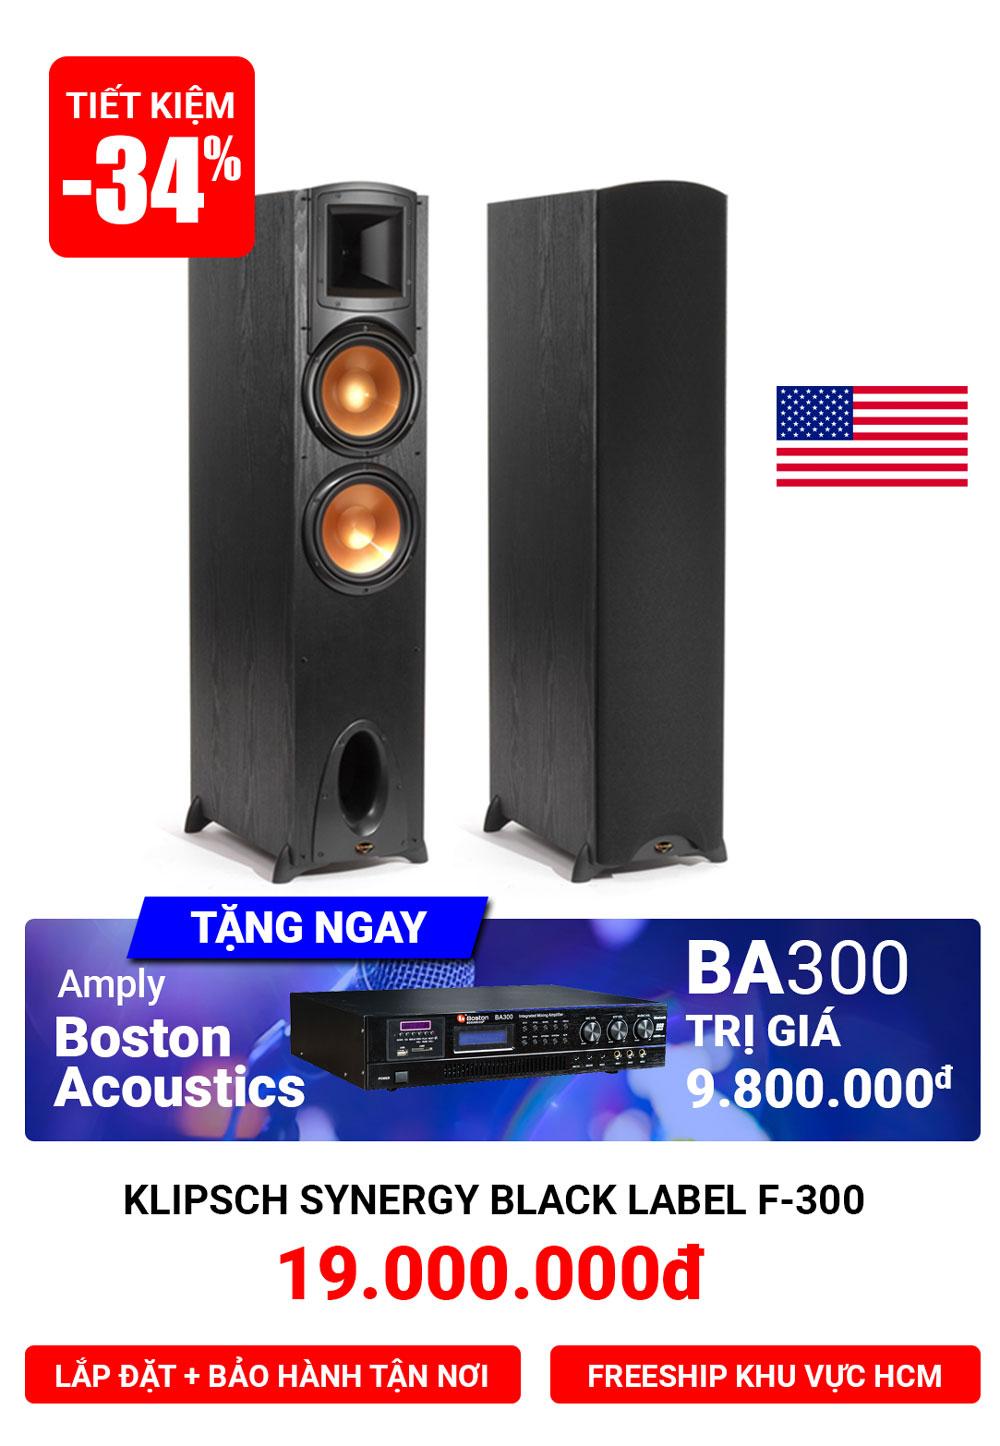 Sale thả ga - Quà cực đã khi mua dàn âm thanh tại SAIGON HD - 2